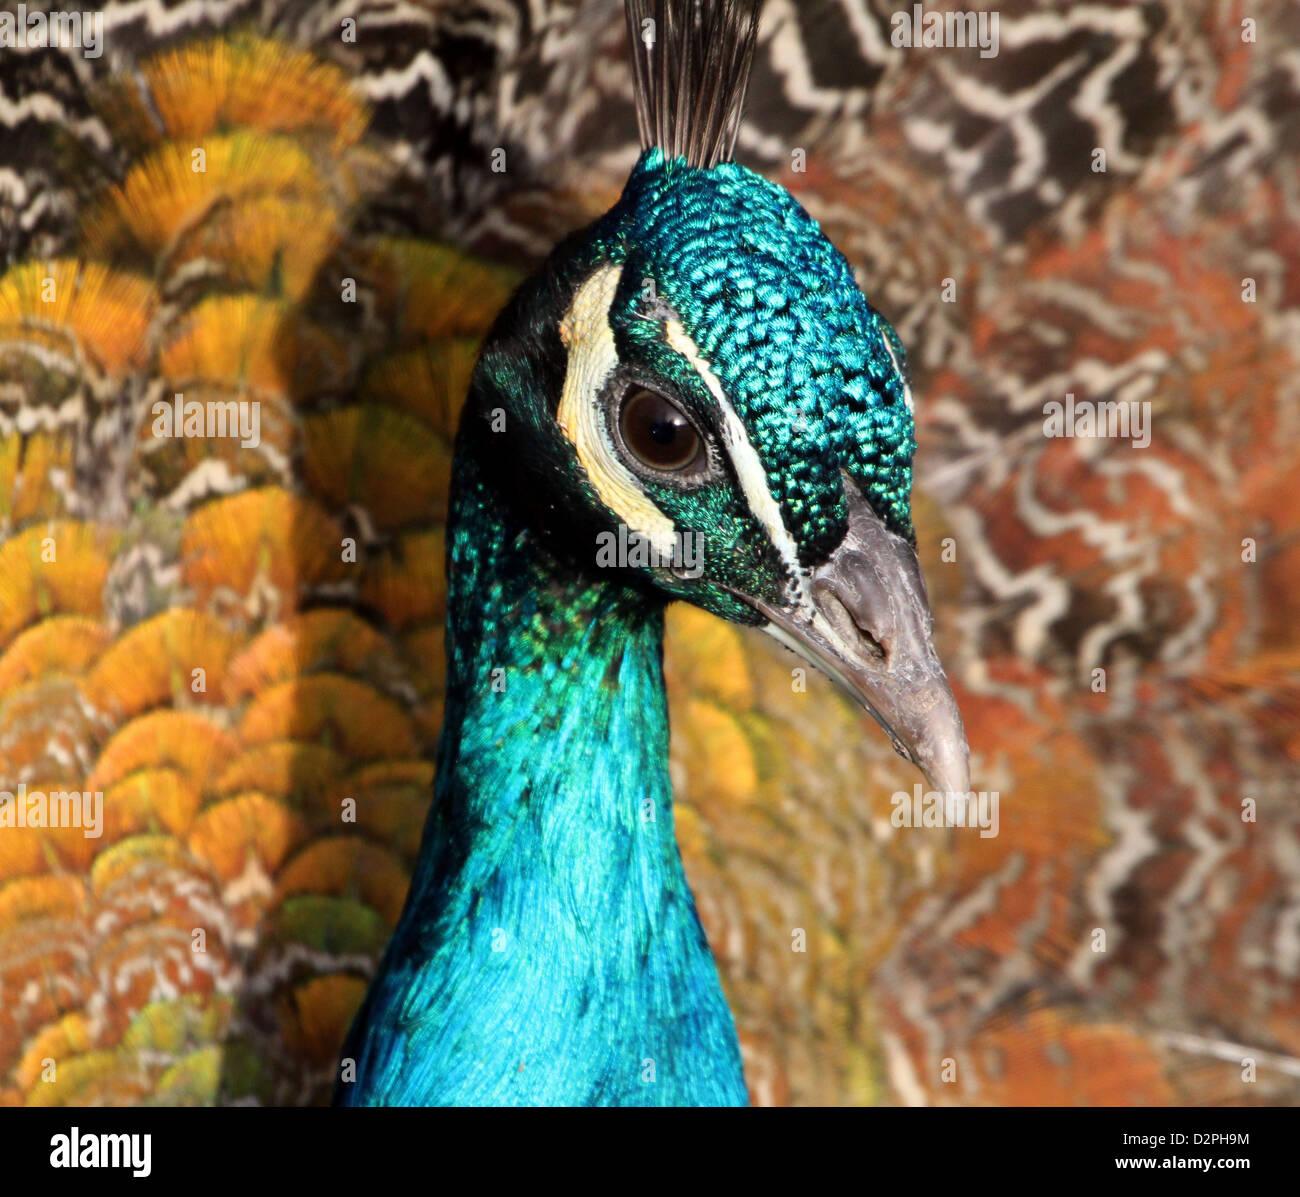 Cerca de la cabeza y la parte superior del cuerpo de Indian Peafowl ...